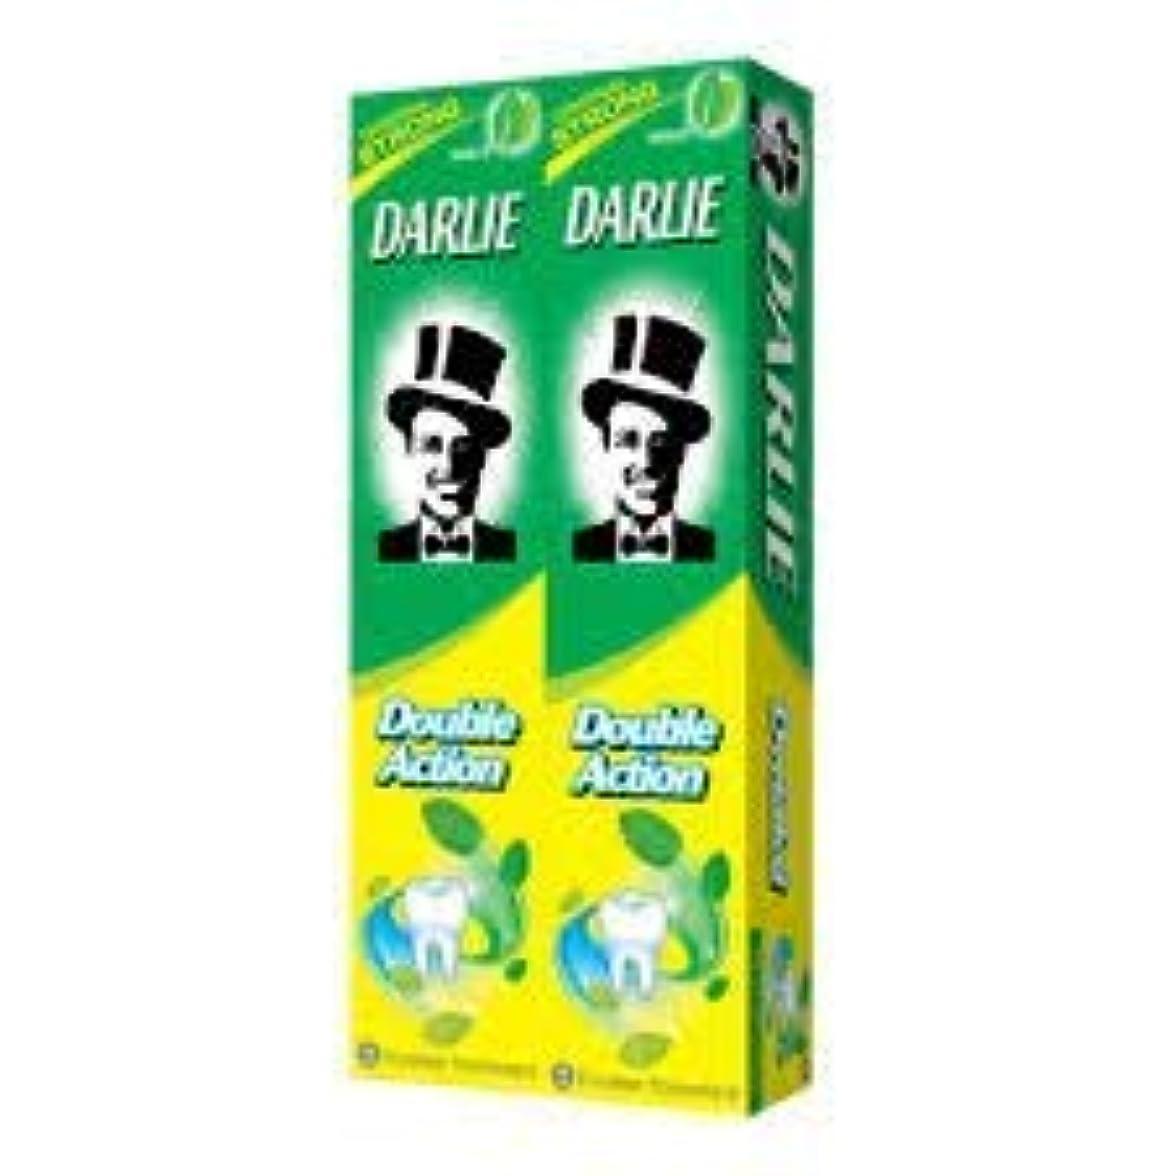 概してハイキングアラビア語DARLIE 歯磨き粉2×225gの複動GWPは、より永続的な新鮮な息12時間-gives - 口腔細菌を減少させるのに有効